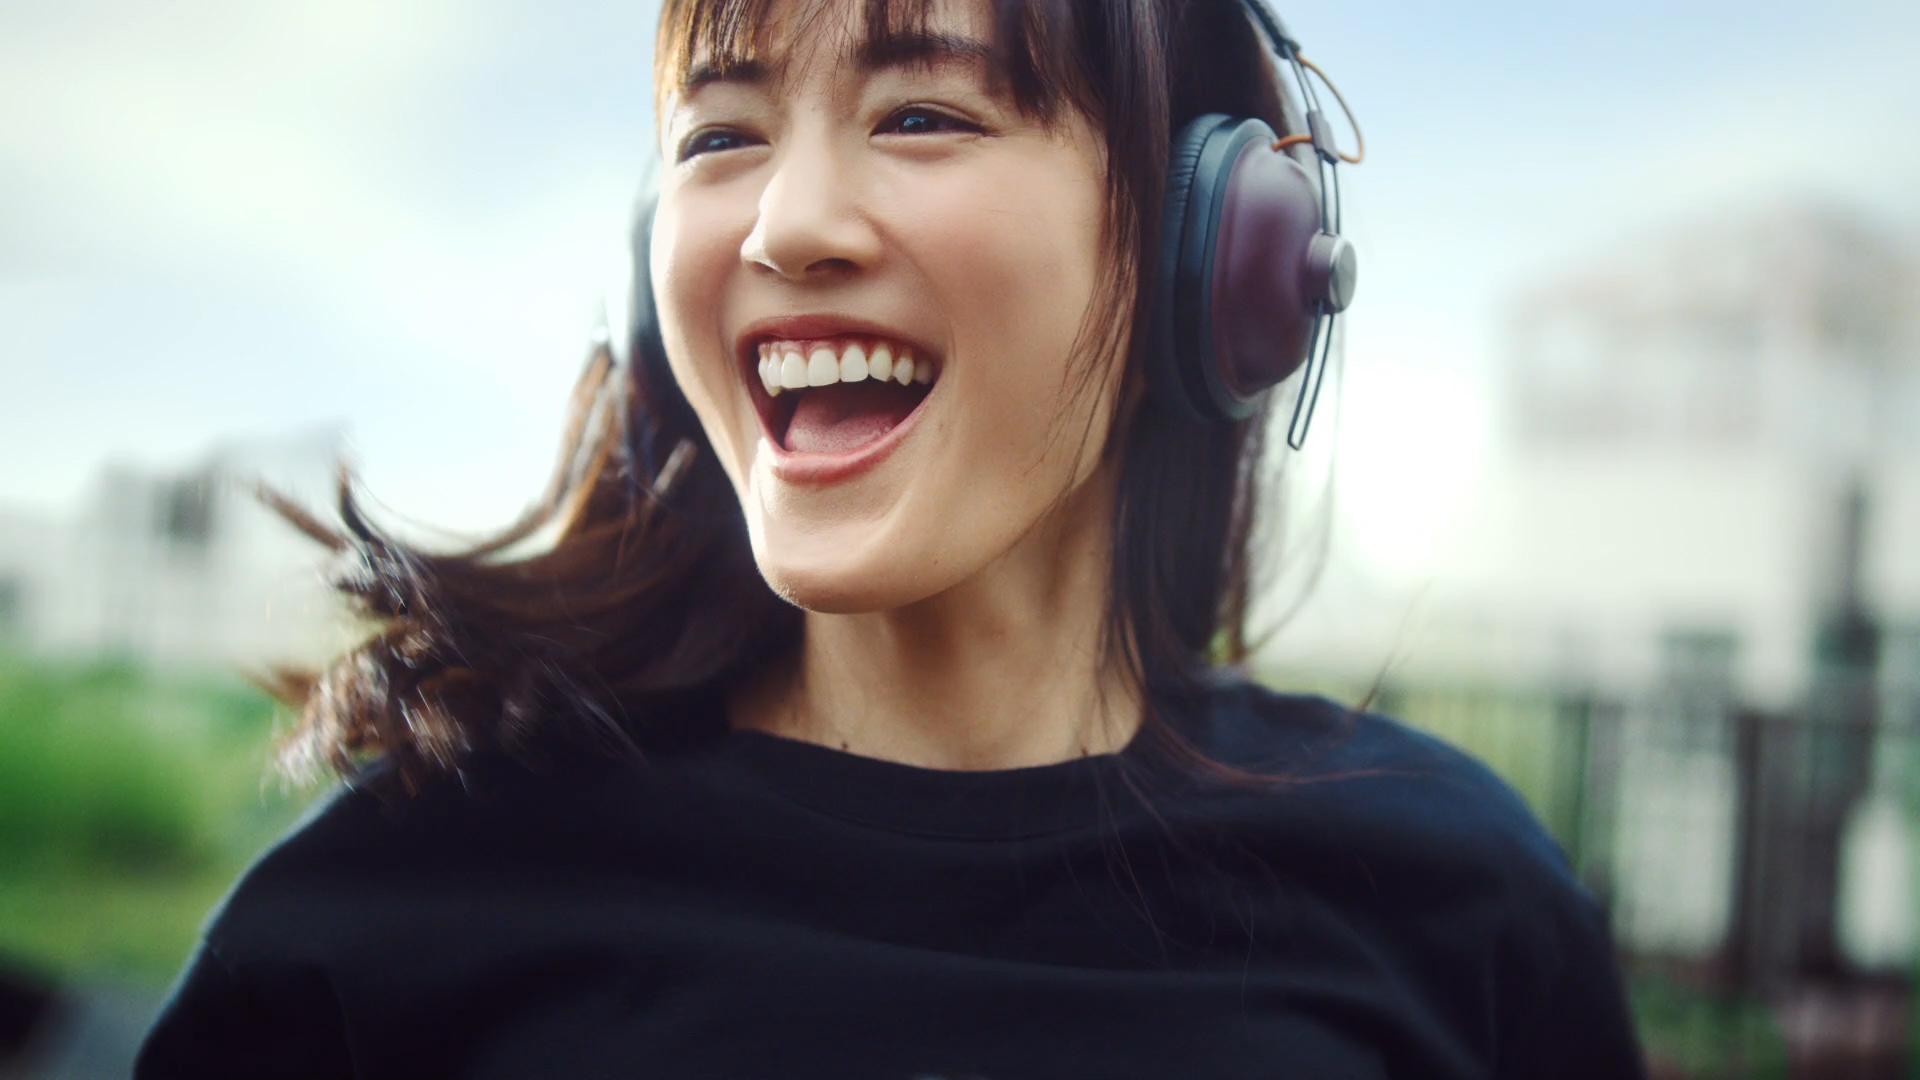 ヘッドフォン姿の綾瀬はるかさんが『コカ・コーラ ゼロ 新しい時代』を踊りながら元気にPR!